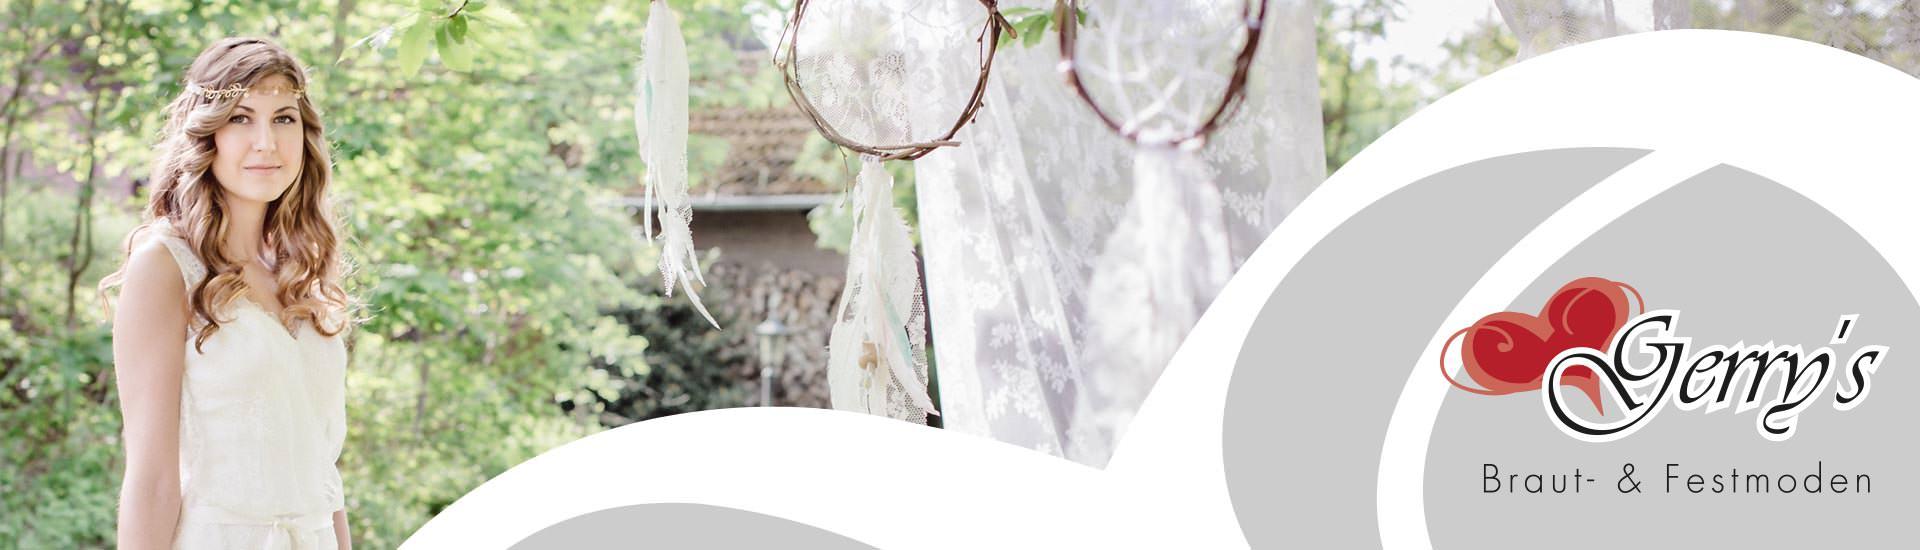 Blog - Aktuelle Informationen - Brautkleider, Festmoden, Kleider für Schützenfeste